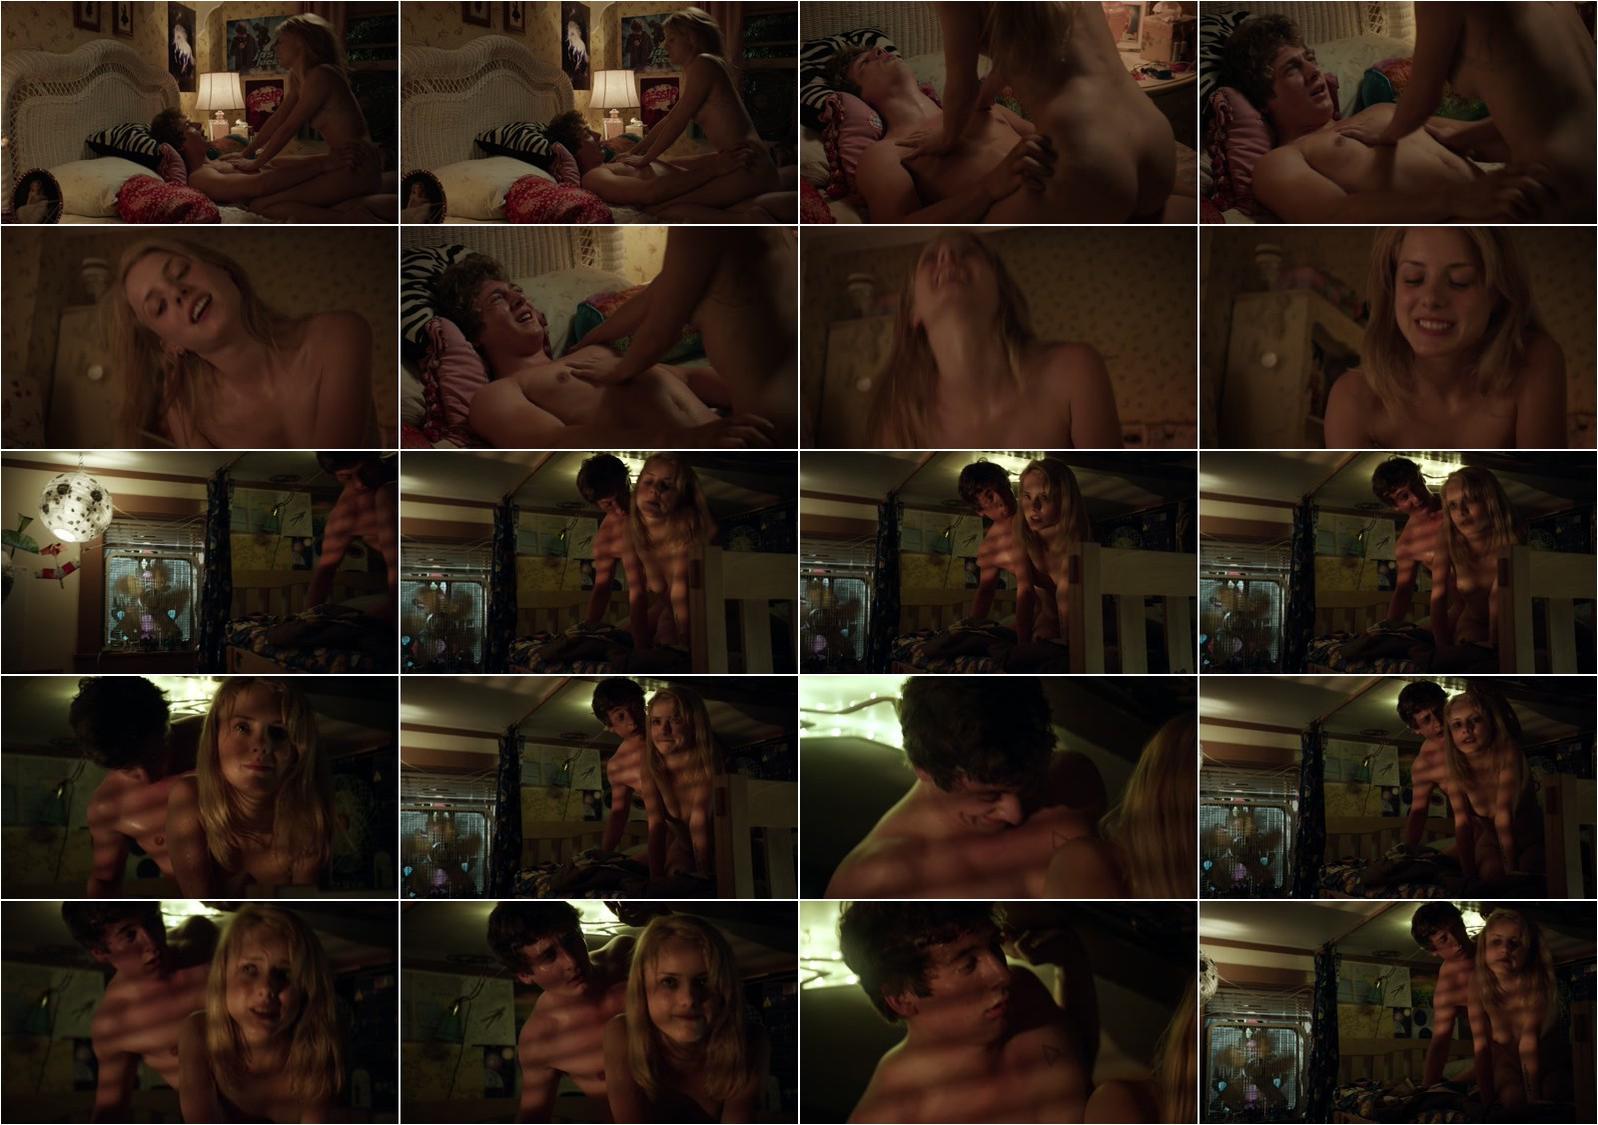 Laura Wiggins nude - Shameless s02e02-03 (2012)